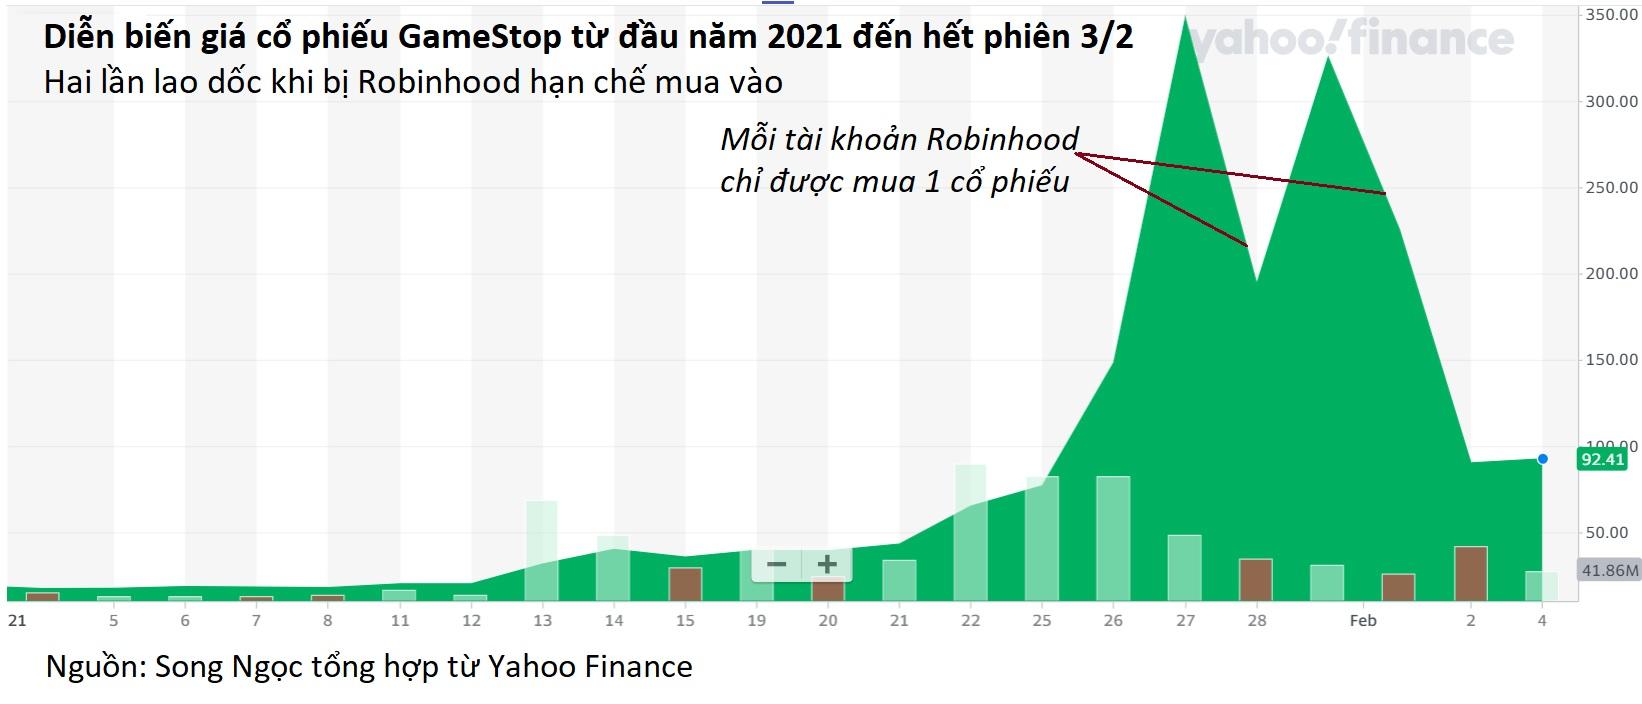 Nghi vấn app giao dịch cấu kết với quỹ lớn để hại nhà đầu tư GameStop - Ảnh 2.